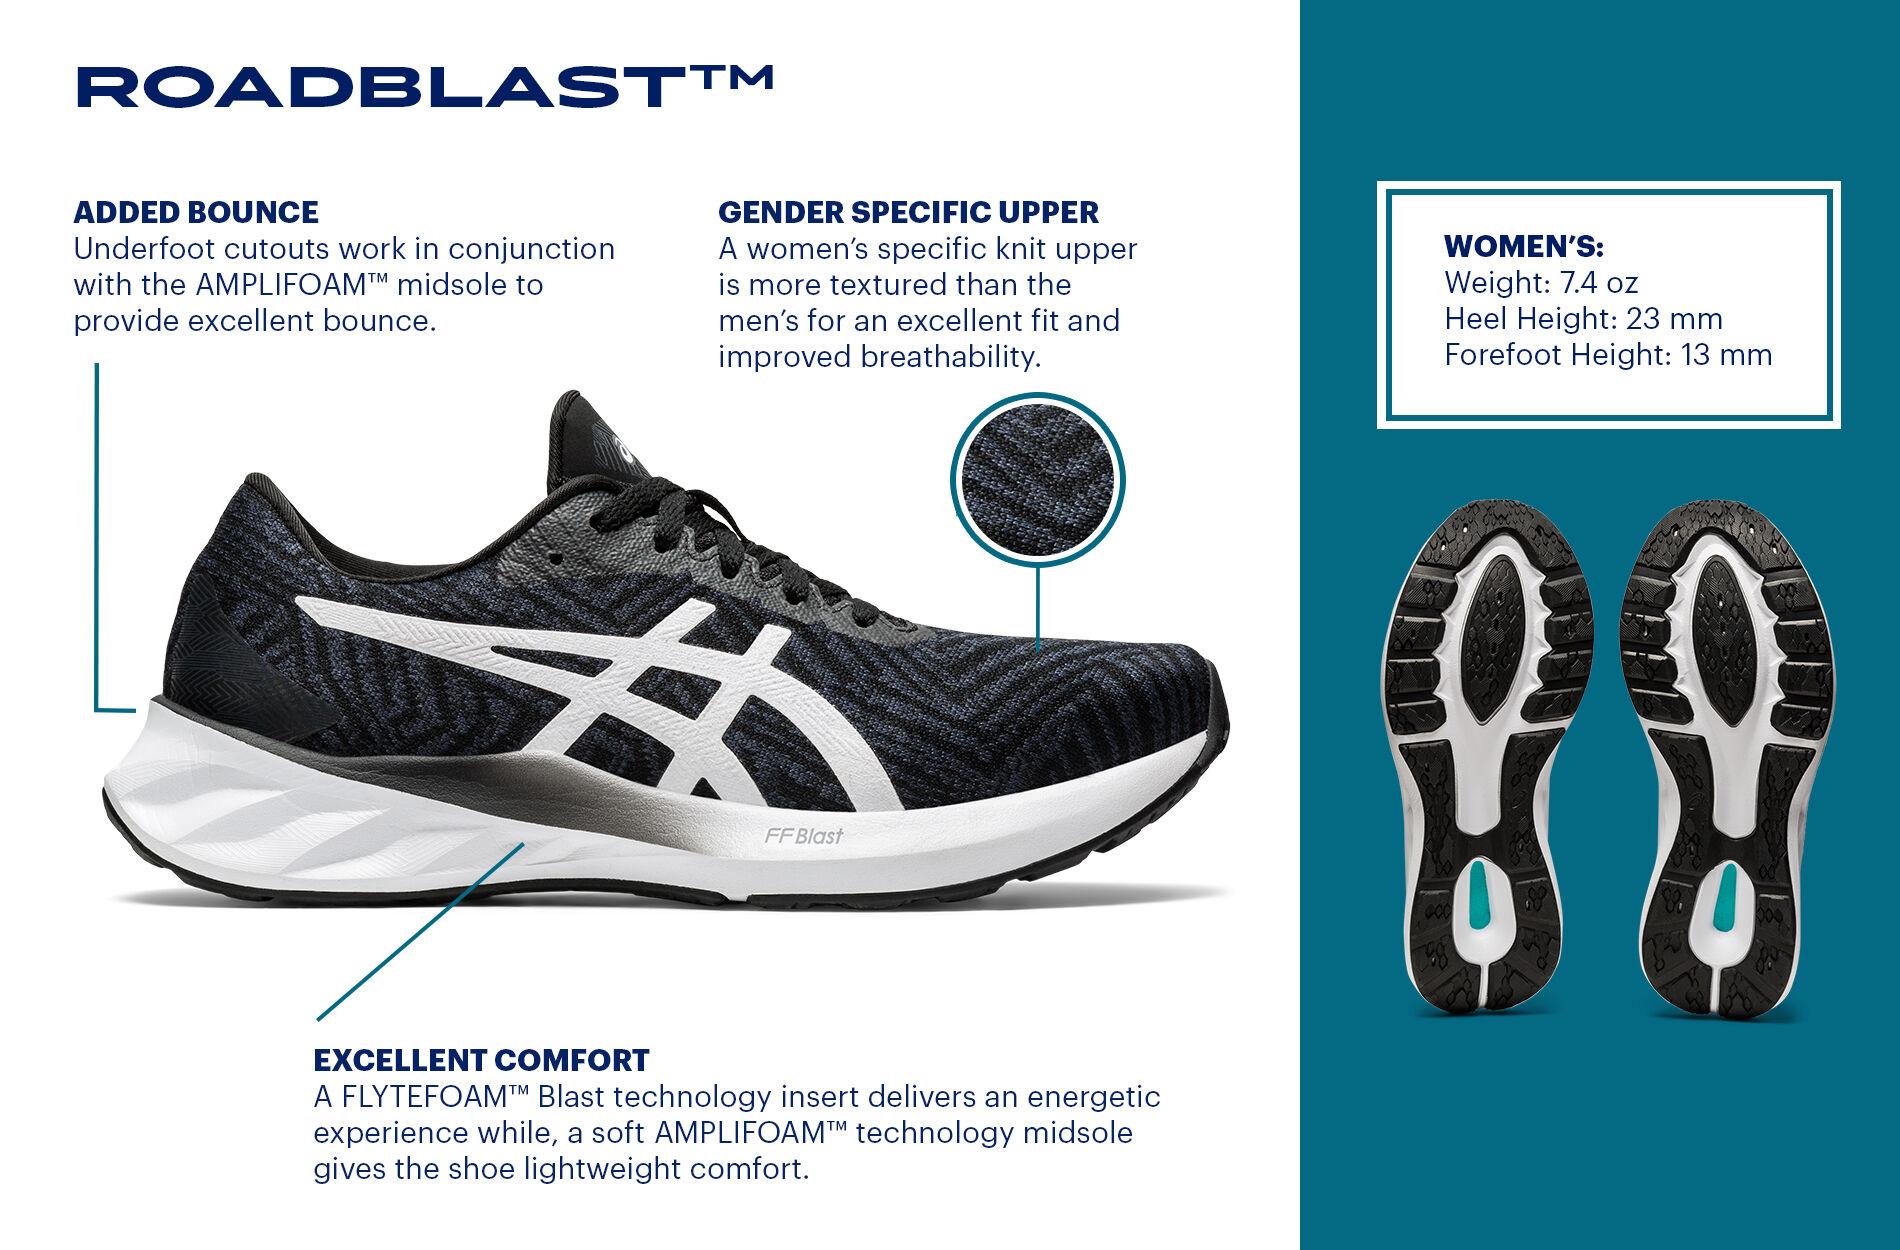 ASICS ROADBLAST รองเท้าวิ่งรุ่นใหม่ มาพร้อมโฟม FlyteFoam Blast